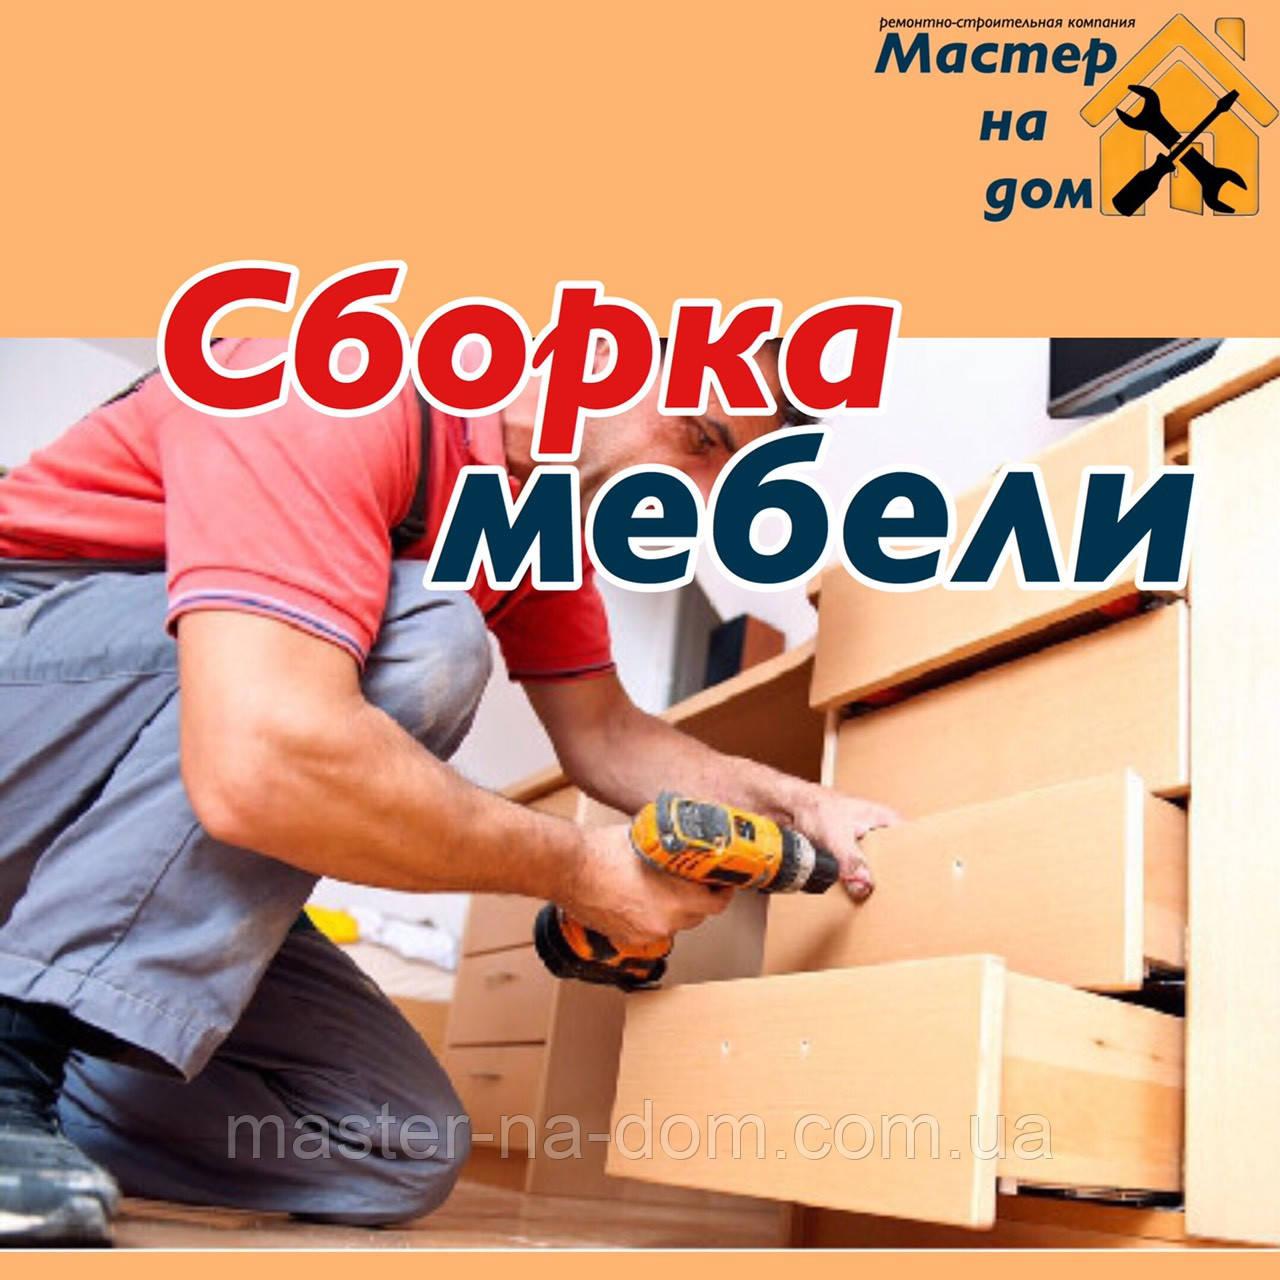 Сборка мебели во Львове